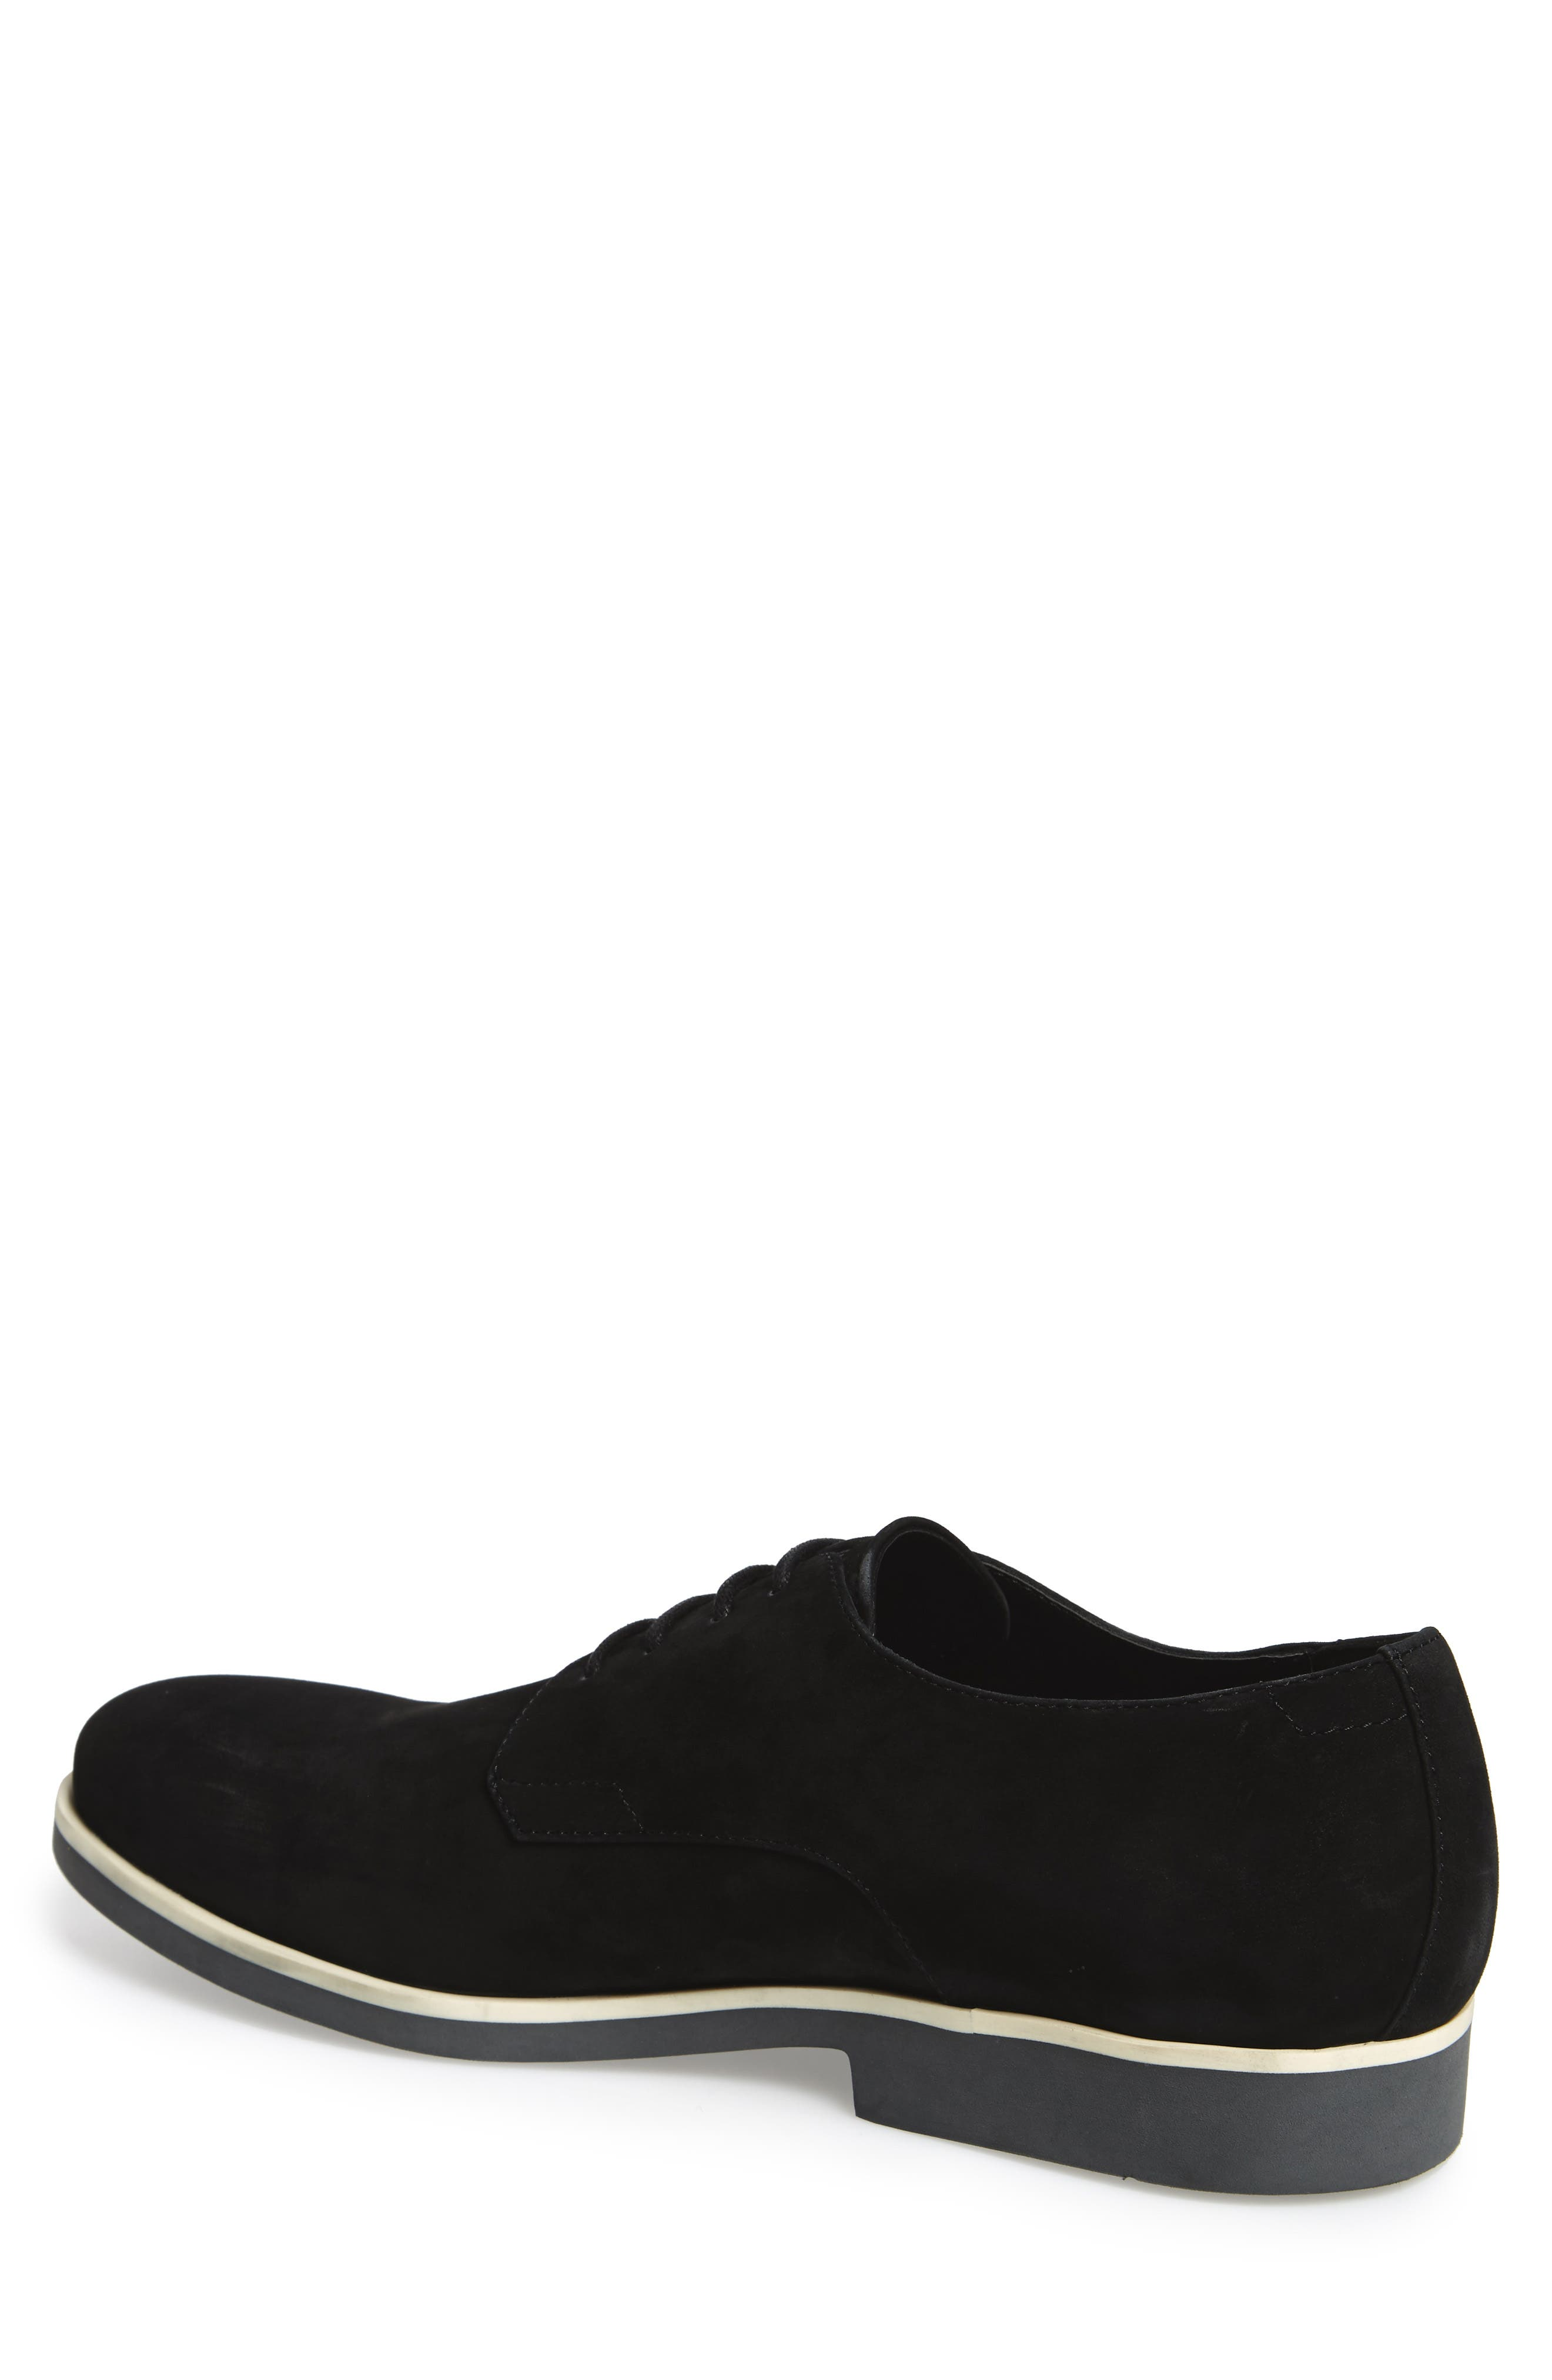 Faustino Plain-Toe Oxford,                             Alternate thumbnail 2, color,                             Black Leather